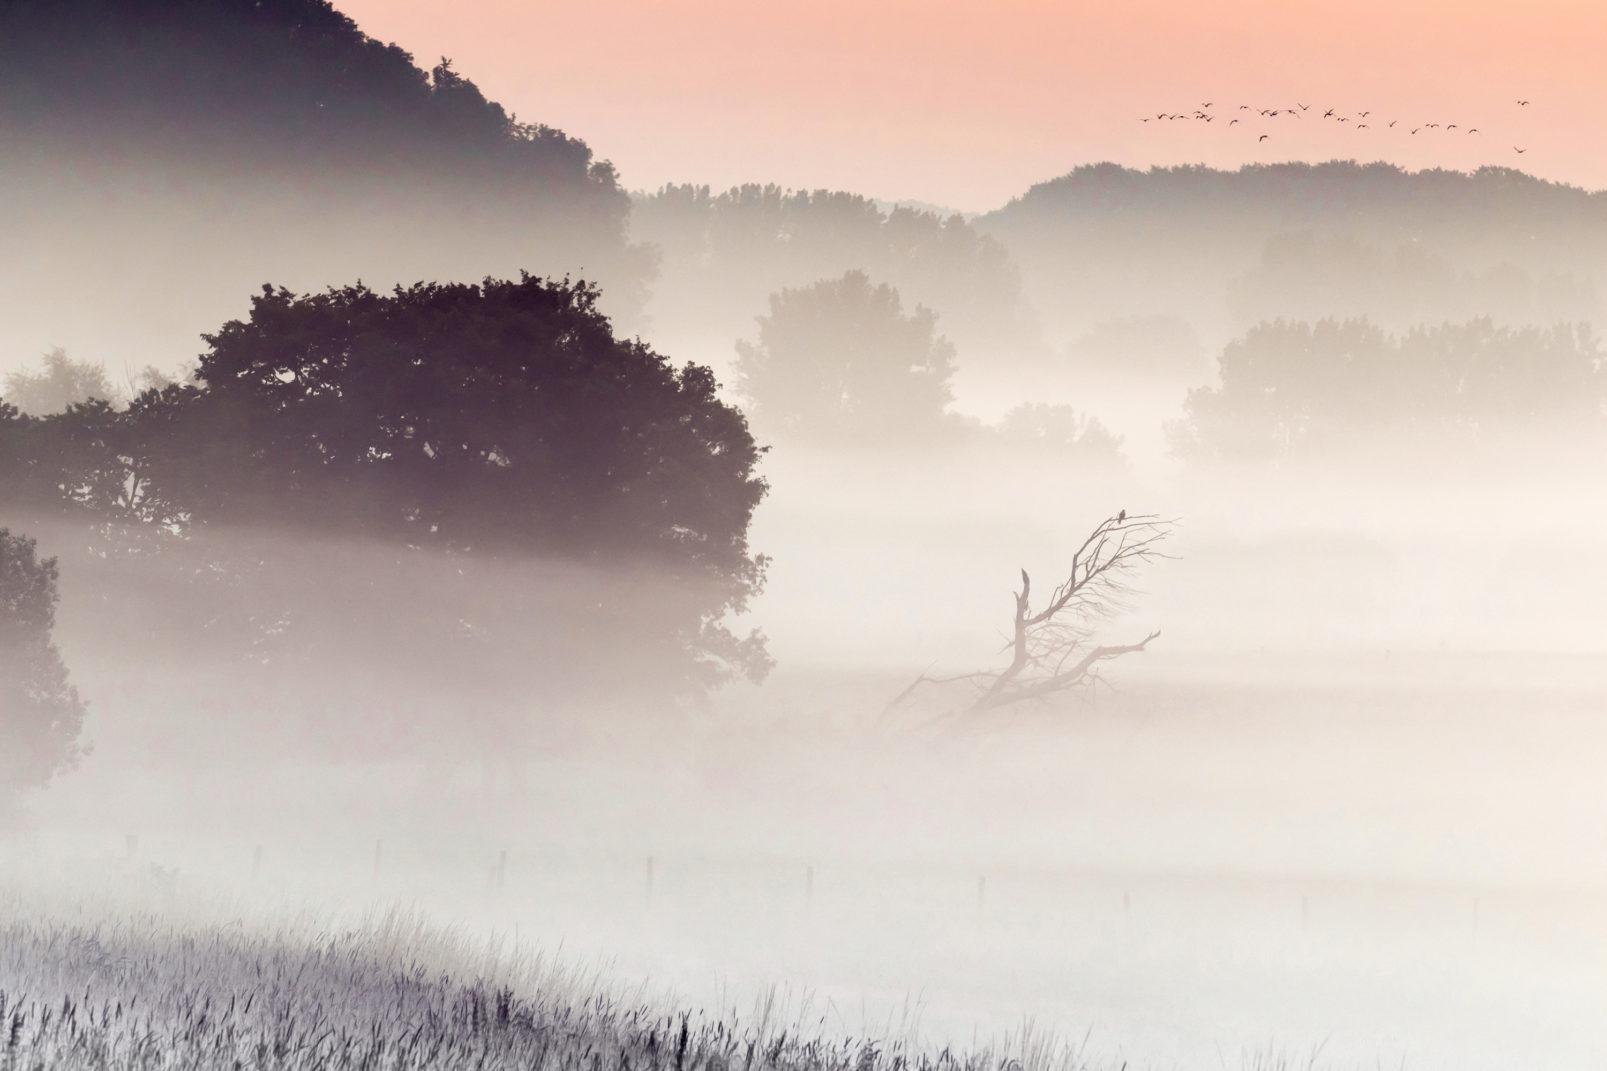 Frühmorgens, wenn der Nebel die Felder bedeckt. © Heike Reineke